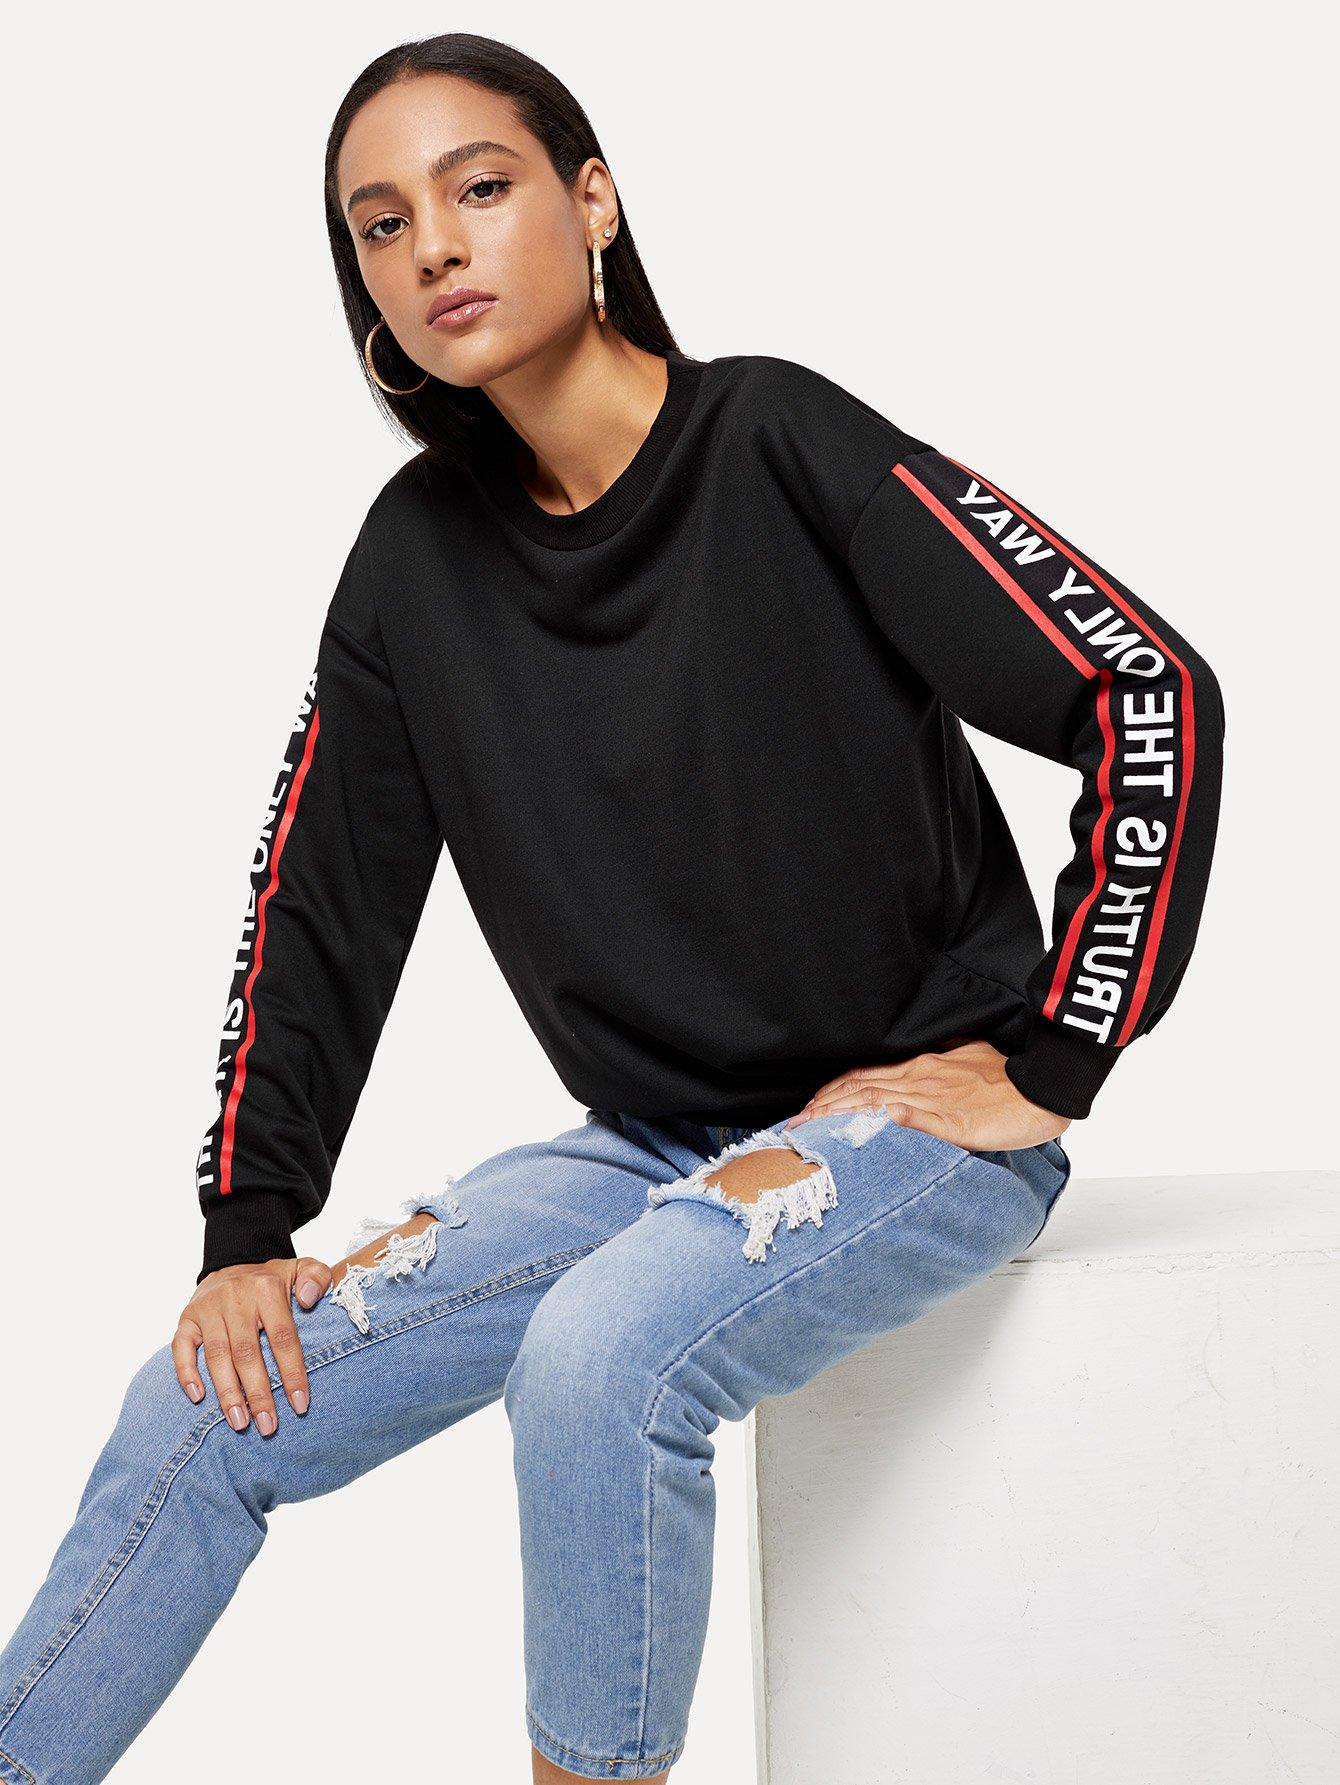 Купить Повседневный Текст Пуловеры Черный Свитшоты, Kary, SheIn